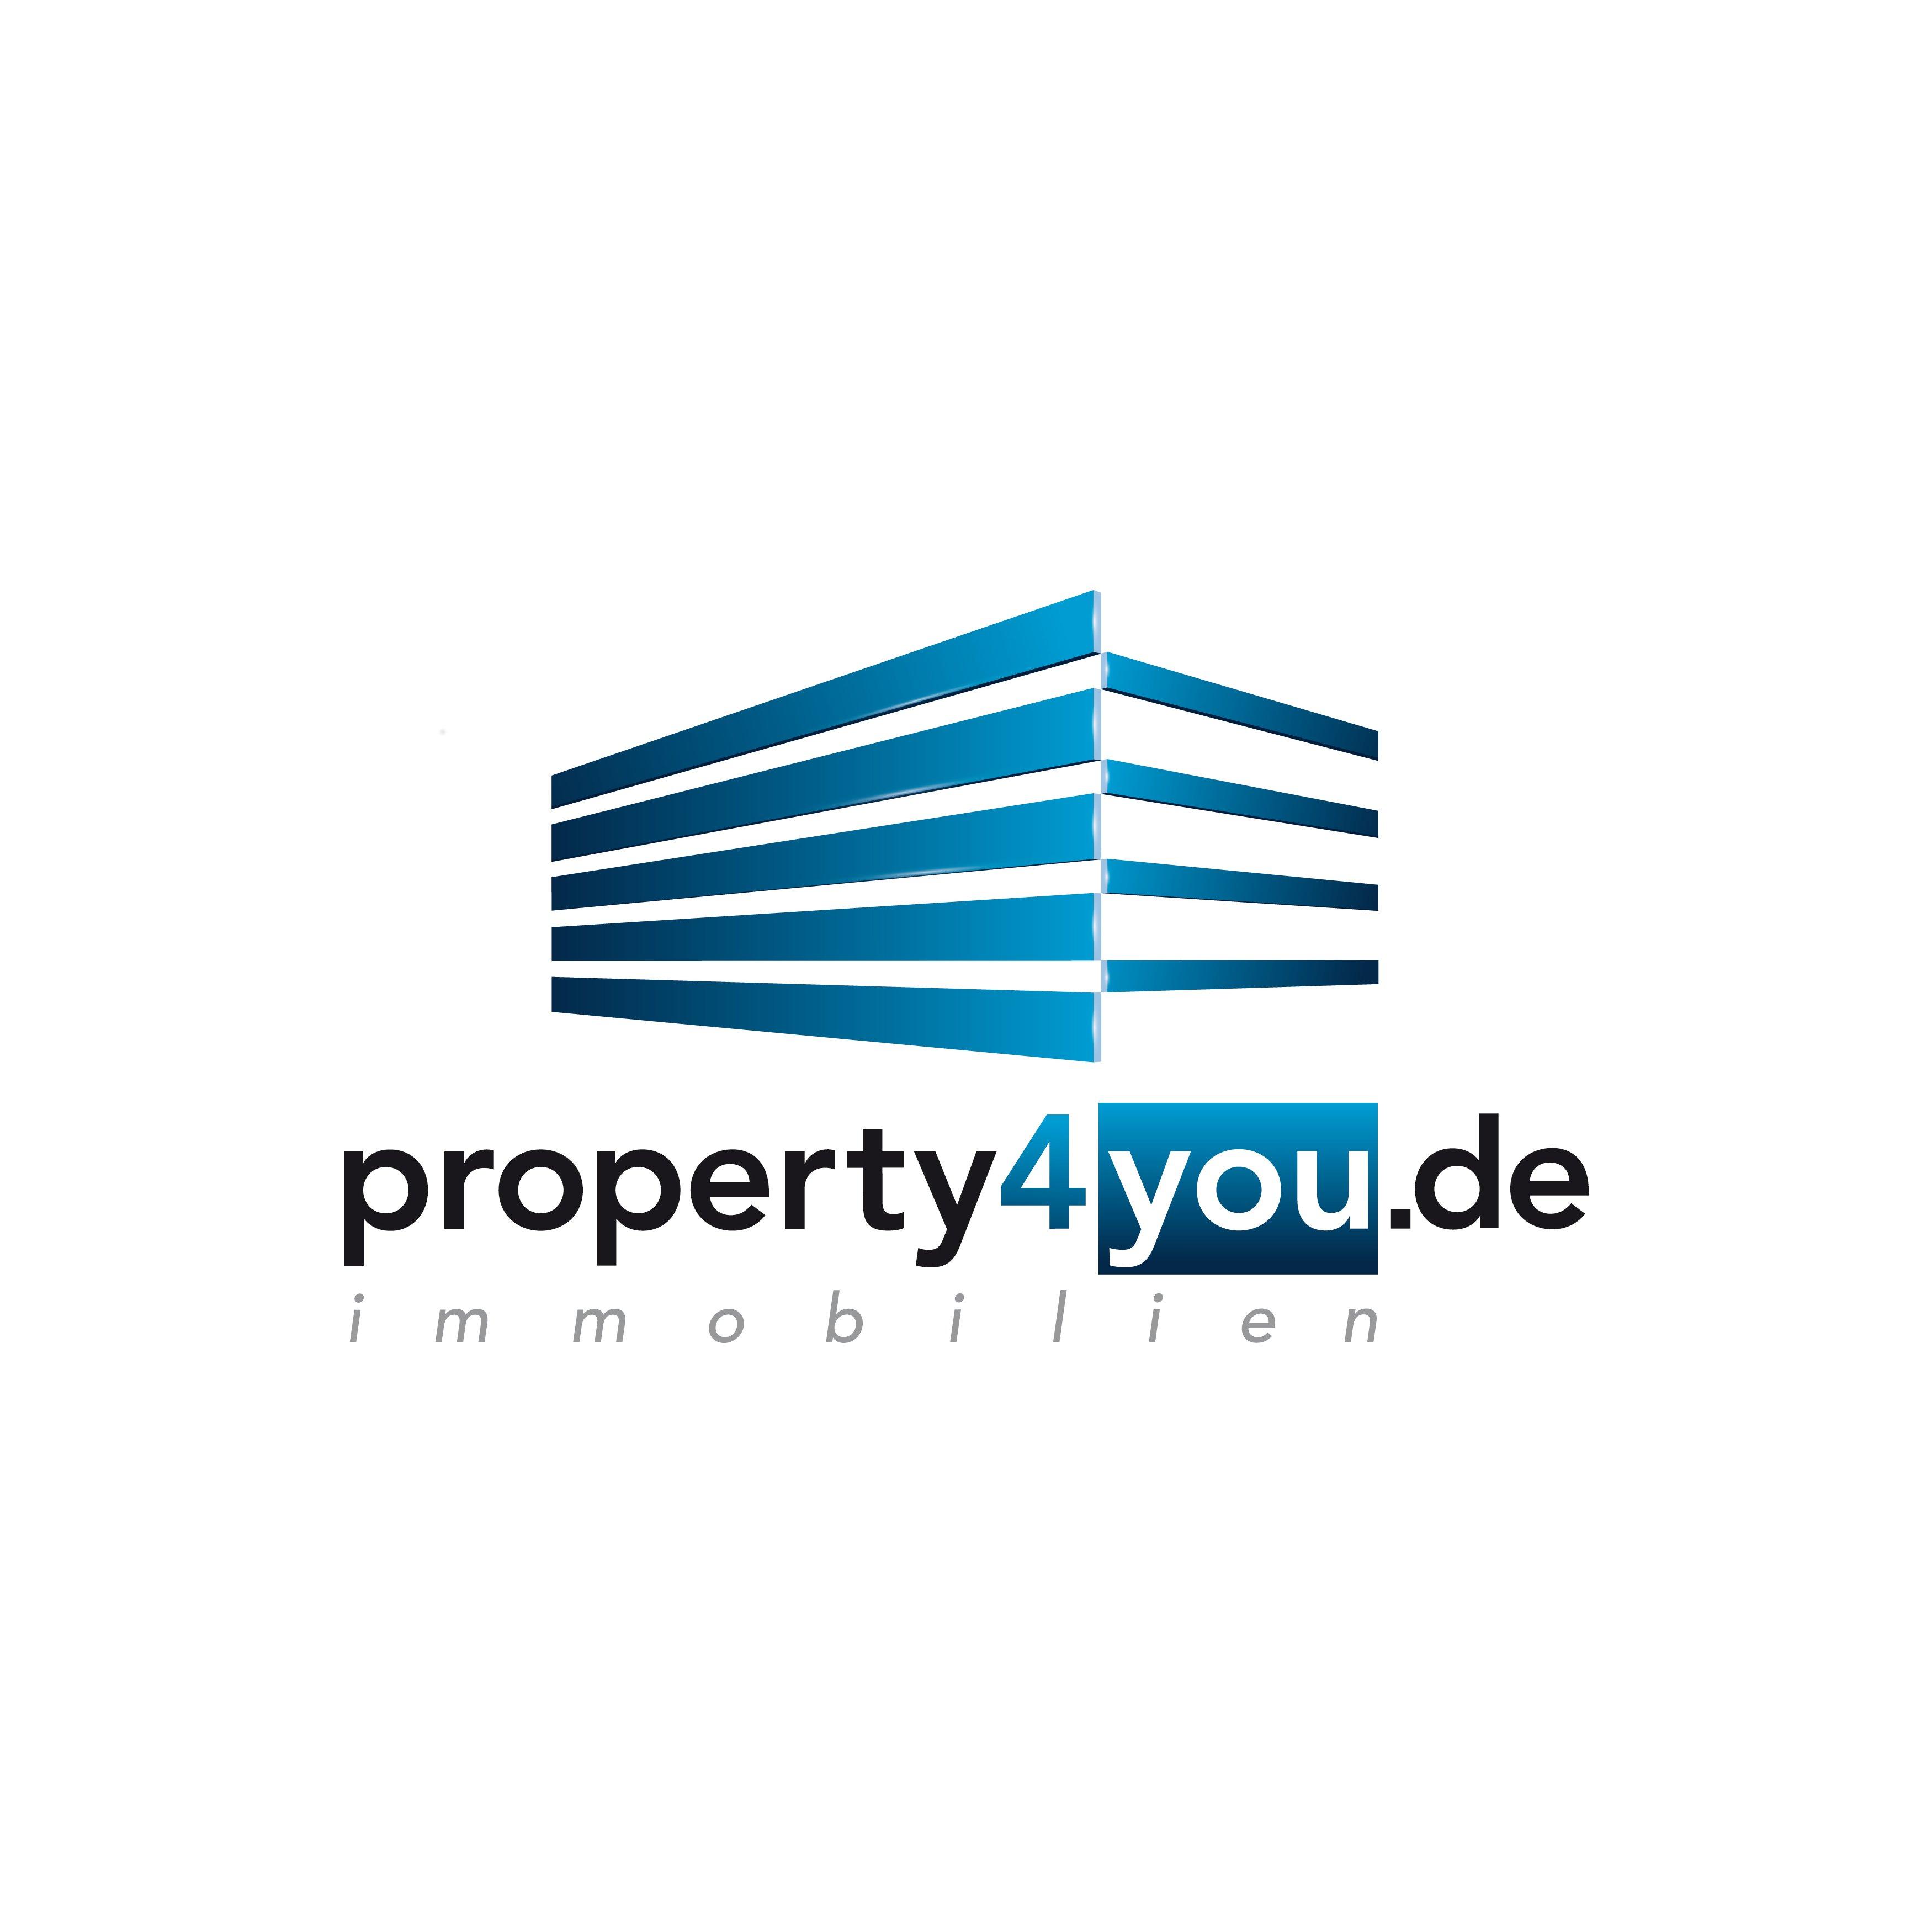 Hier sehen Sie das Logo von property4you.de